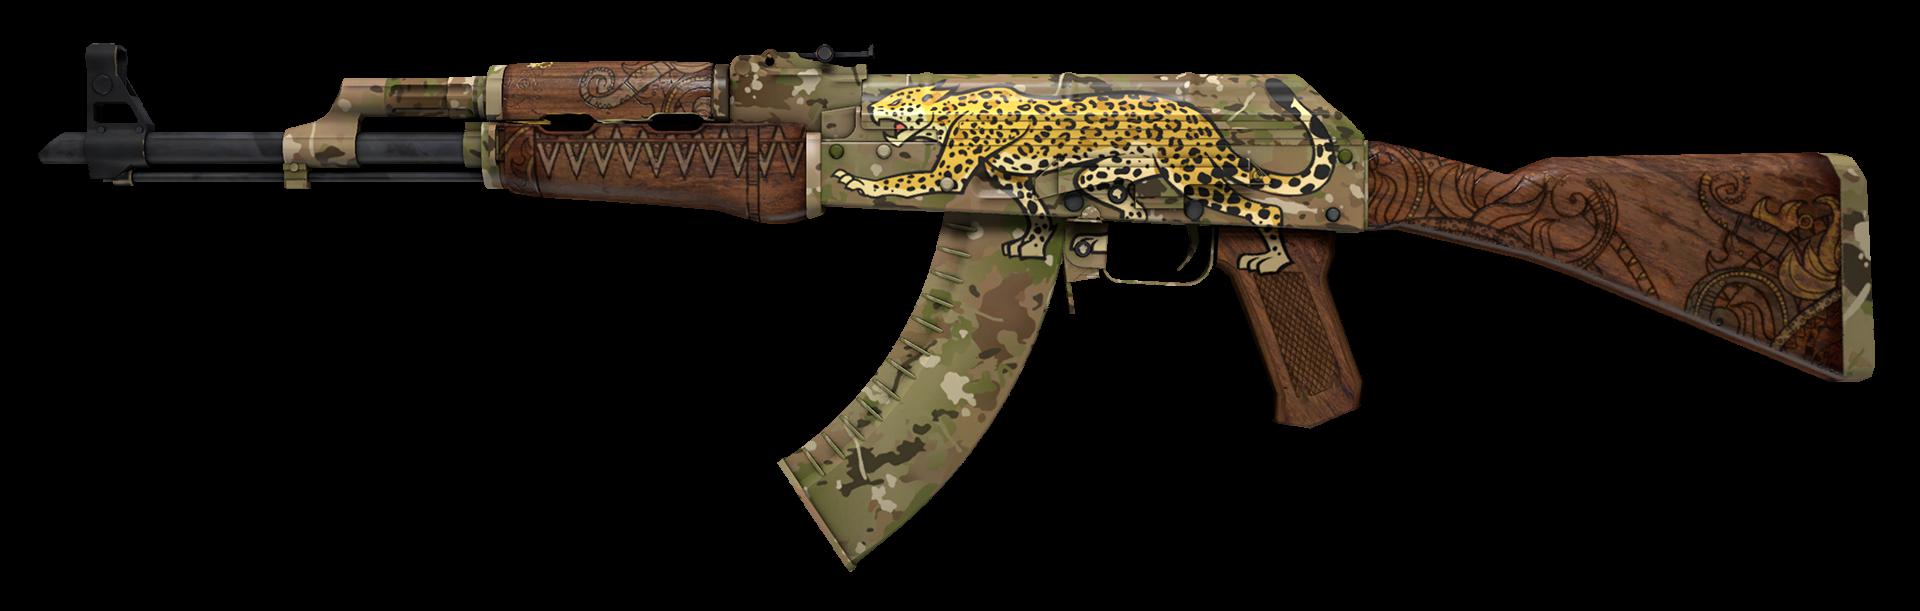 AK-47 Panthera onca Large Rendering